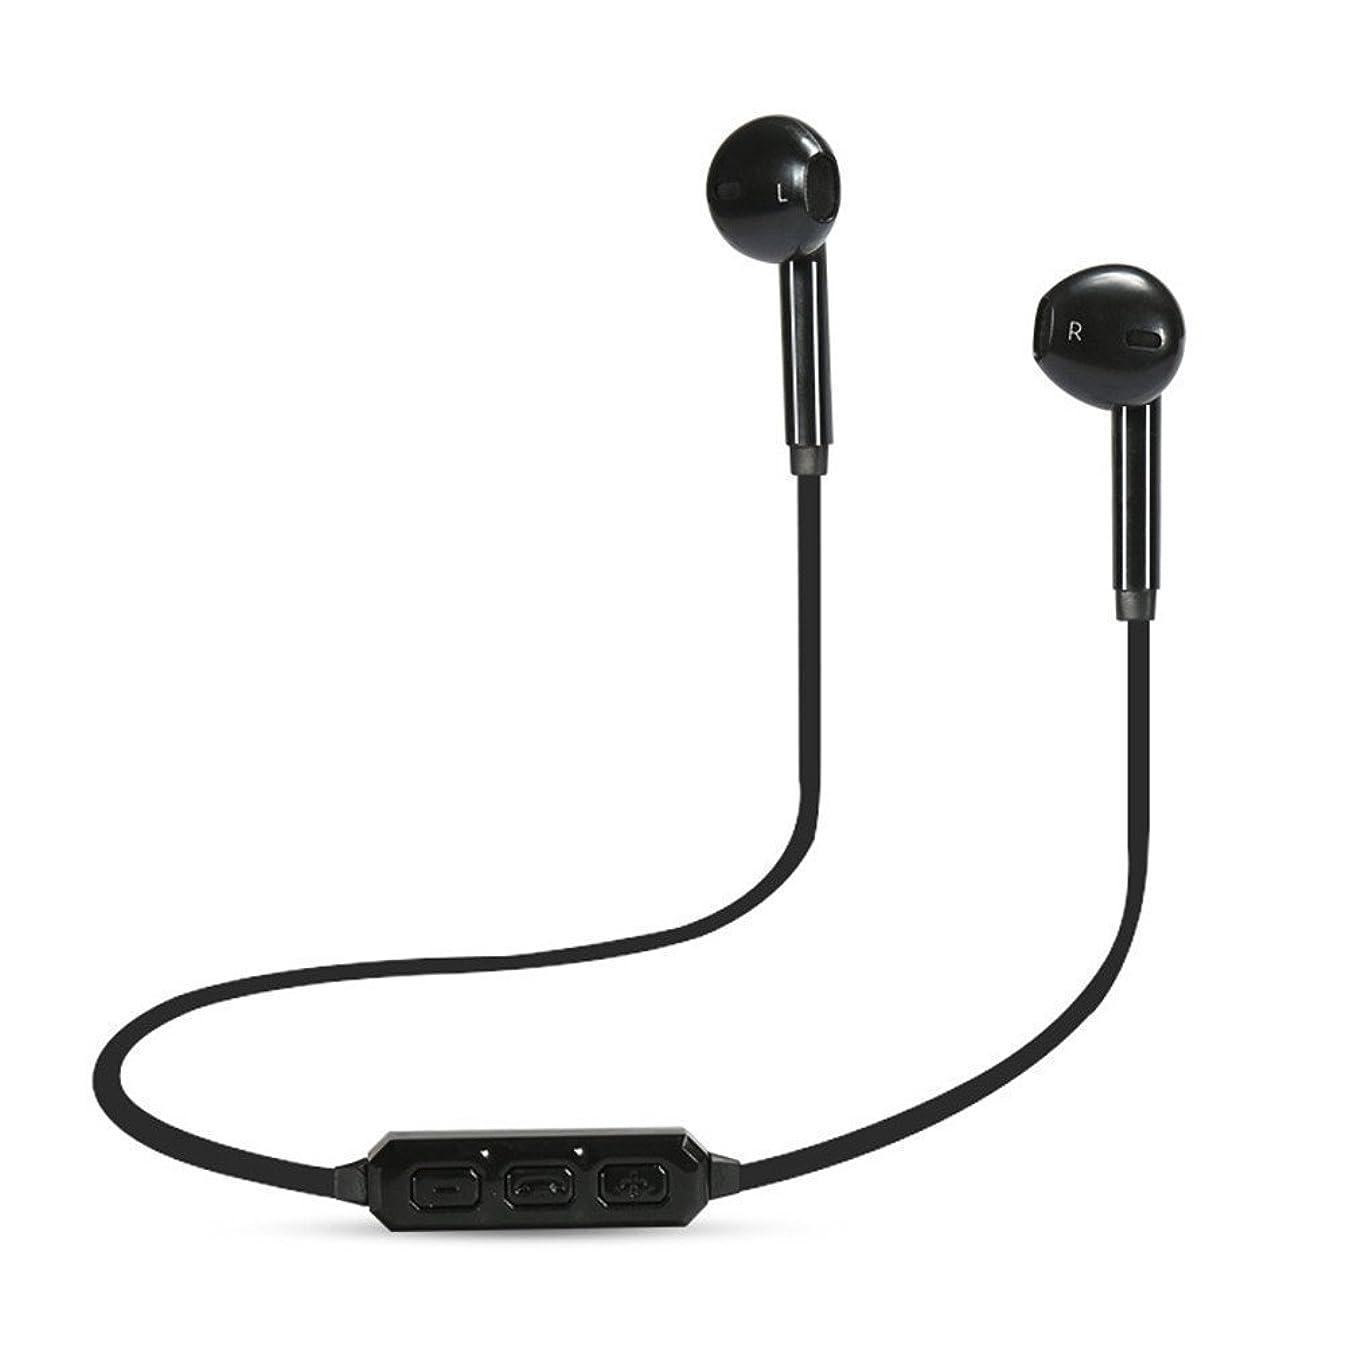 存在する欺く操るOUGUAN Bluetooth 4.0 ブルートゥース ワイヤレス イヤホン スポーツ仕様 二つ携帯接続可能 リモコン付 マイク付 黒色